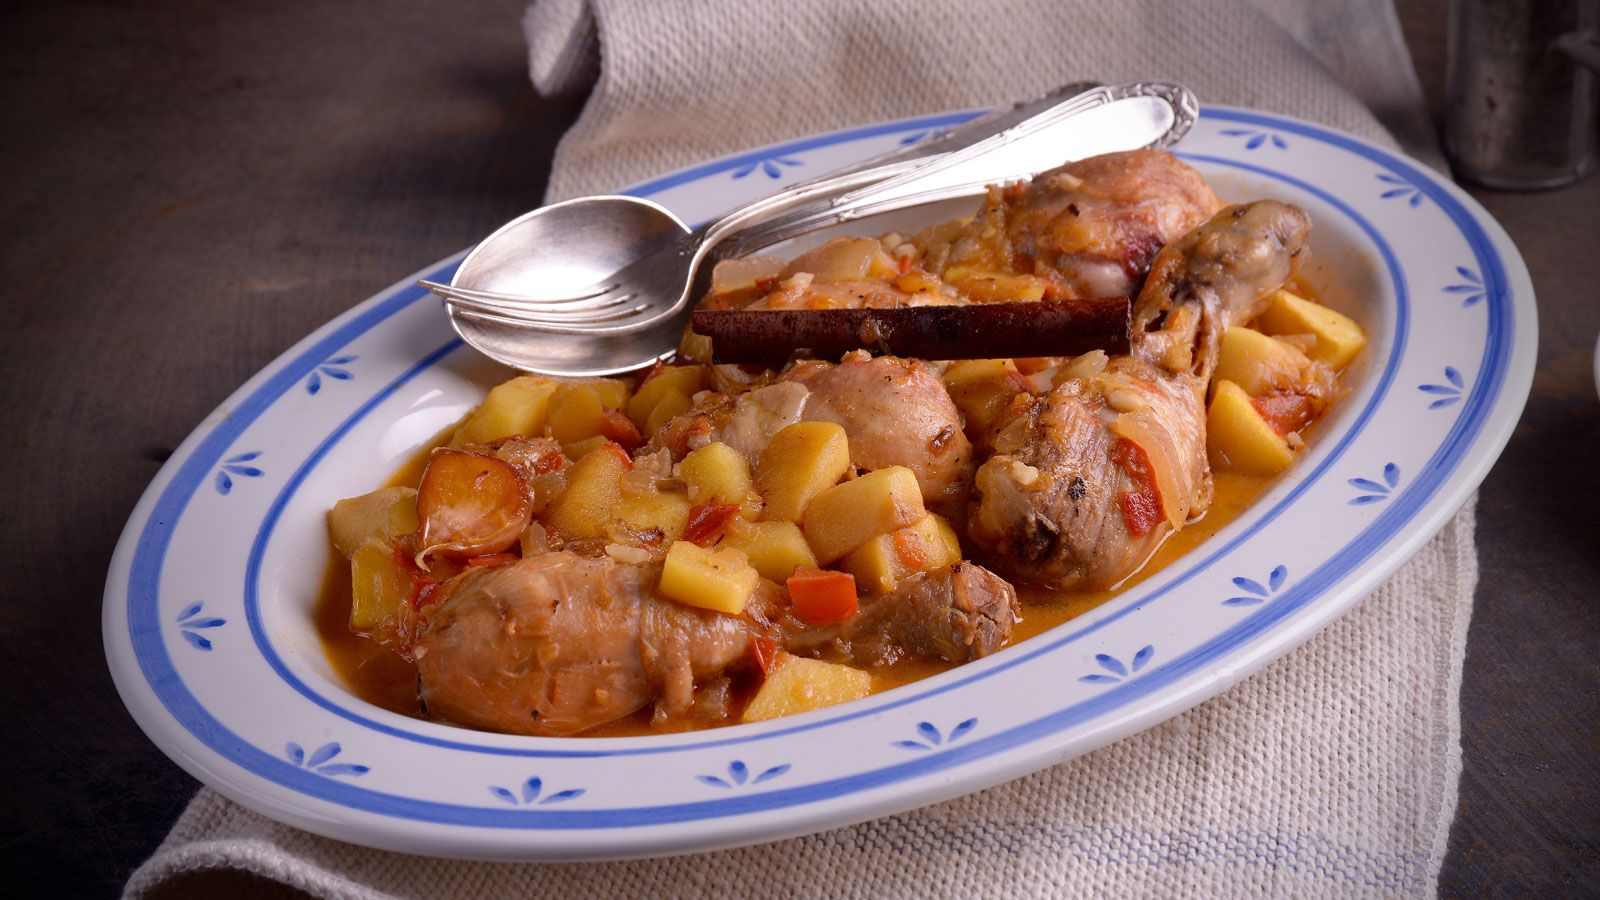 Jugosa Receta De Pollo A La Canea Con Manzana Un Plato Sencillo Y Fácil De Preparar Elaborado En El Programa Divinos Recetas Con Pollo Pollo Recetas Con Carne